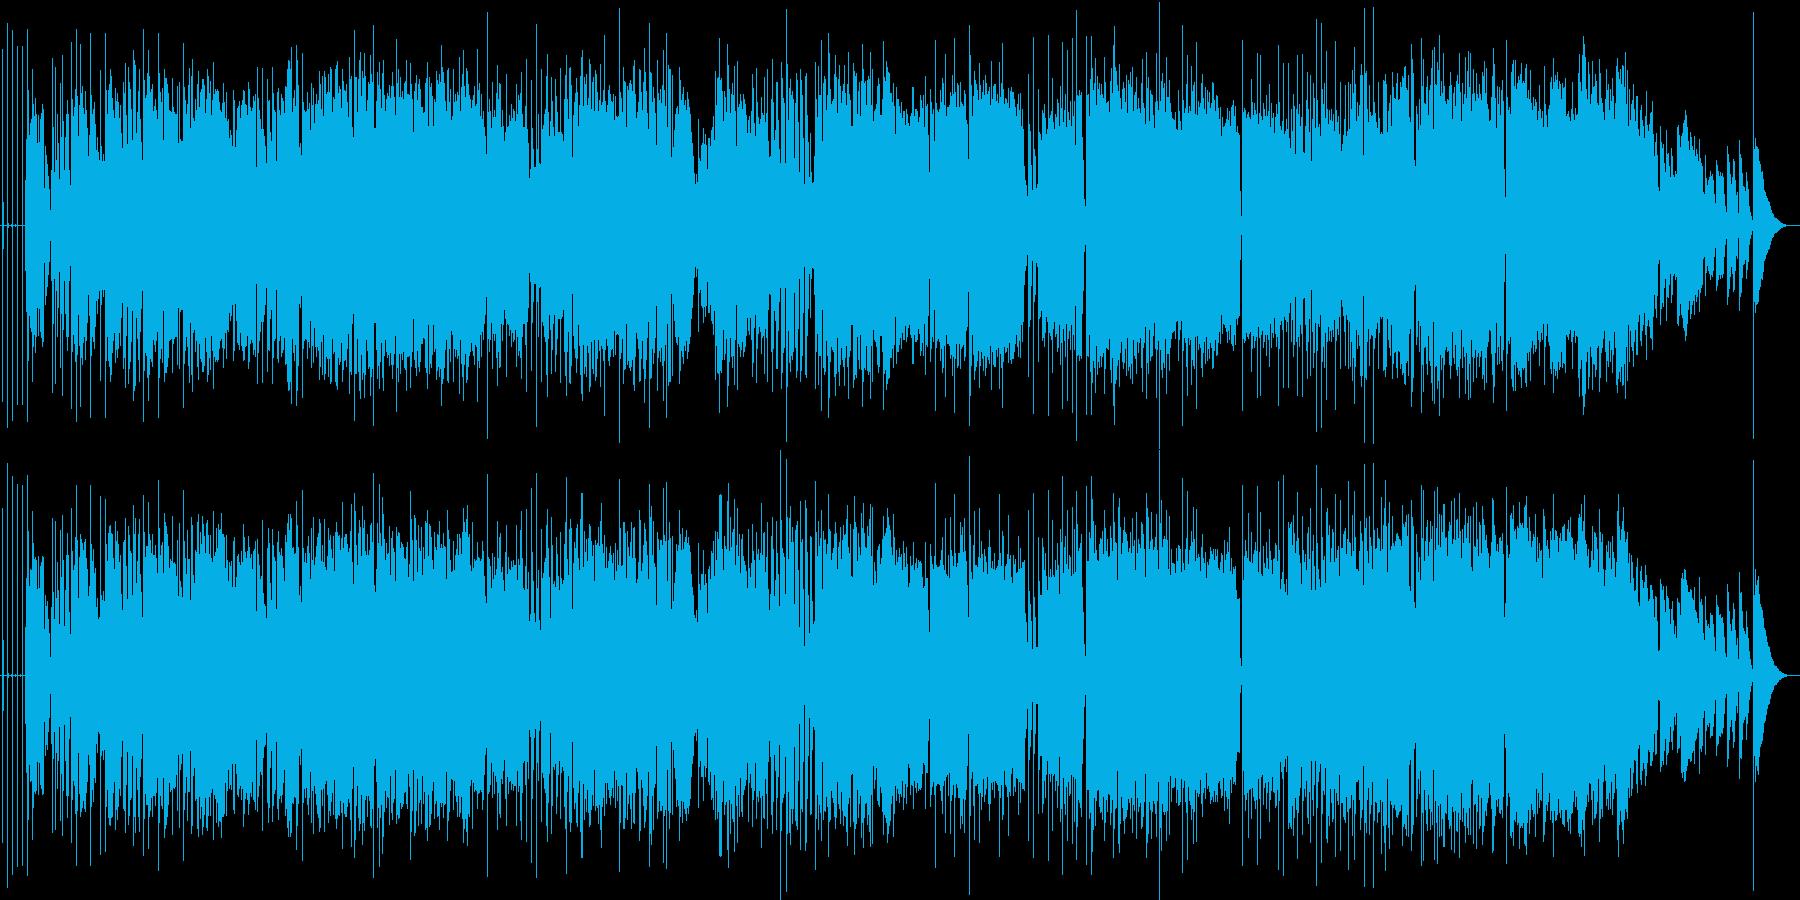 英語洋楽:キラークイーン風 英国ロックの再生済みの波形